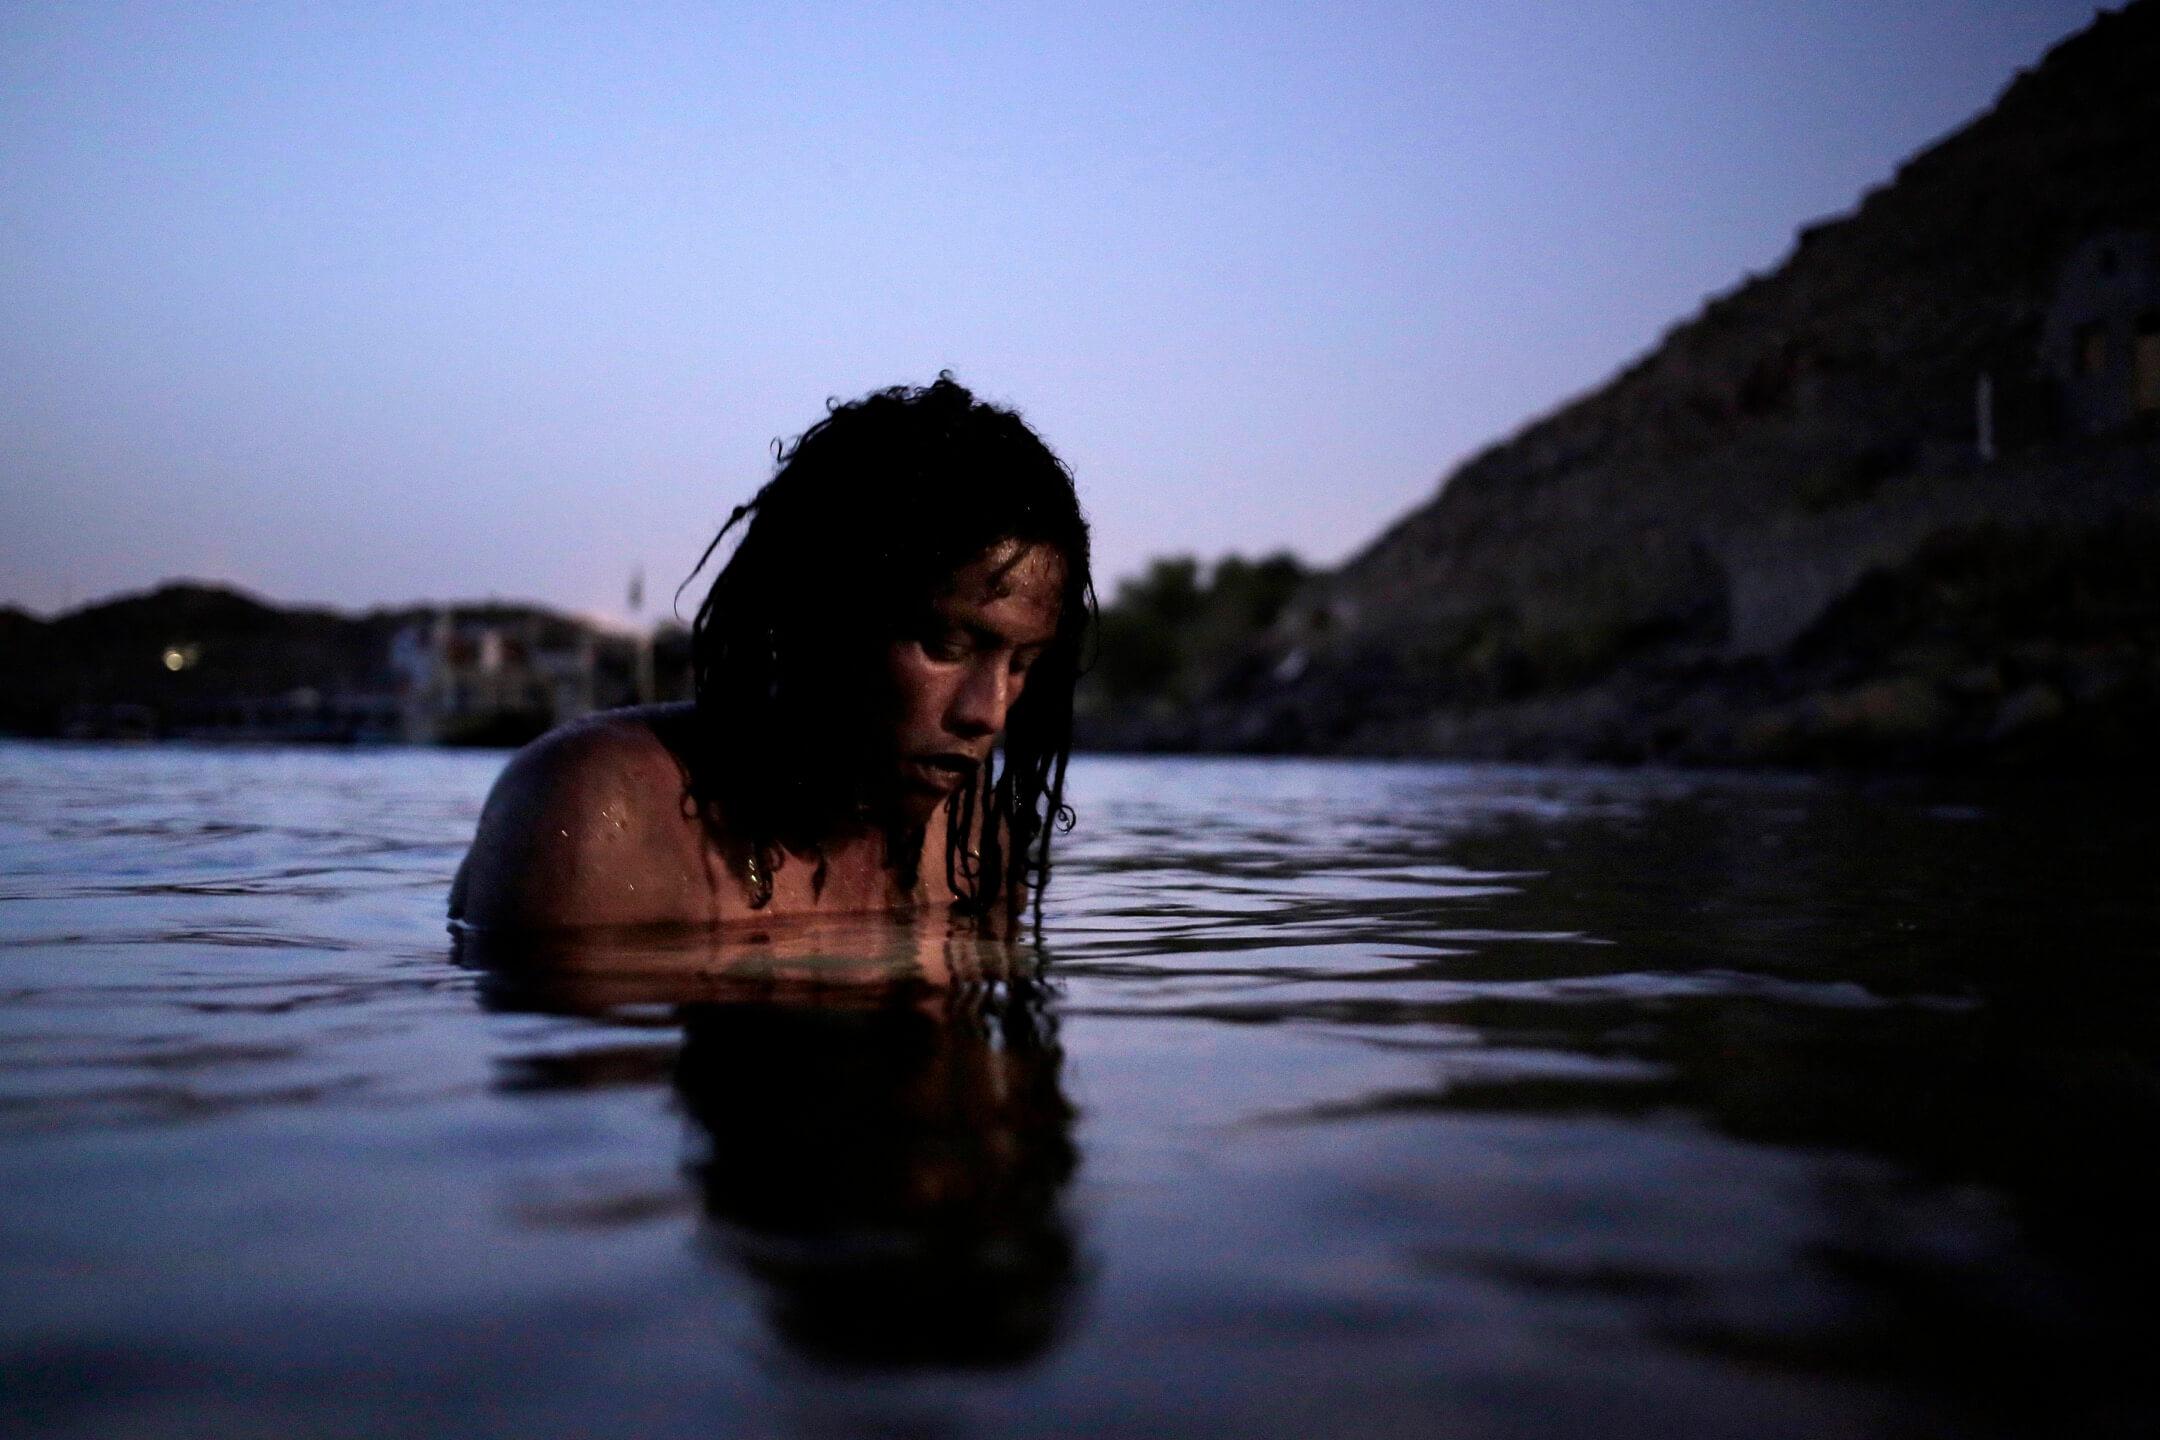 38歲的努比亞人Reesha在尼羅河裏游泳。 攝:Nariman El-Mofty/AP